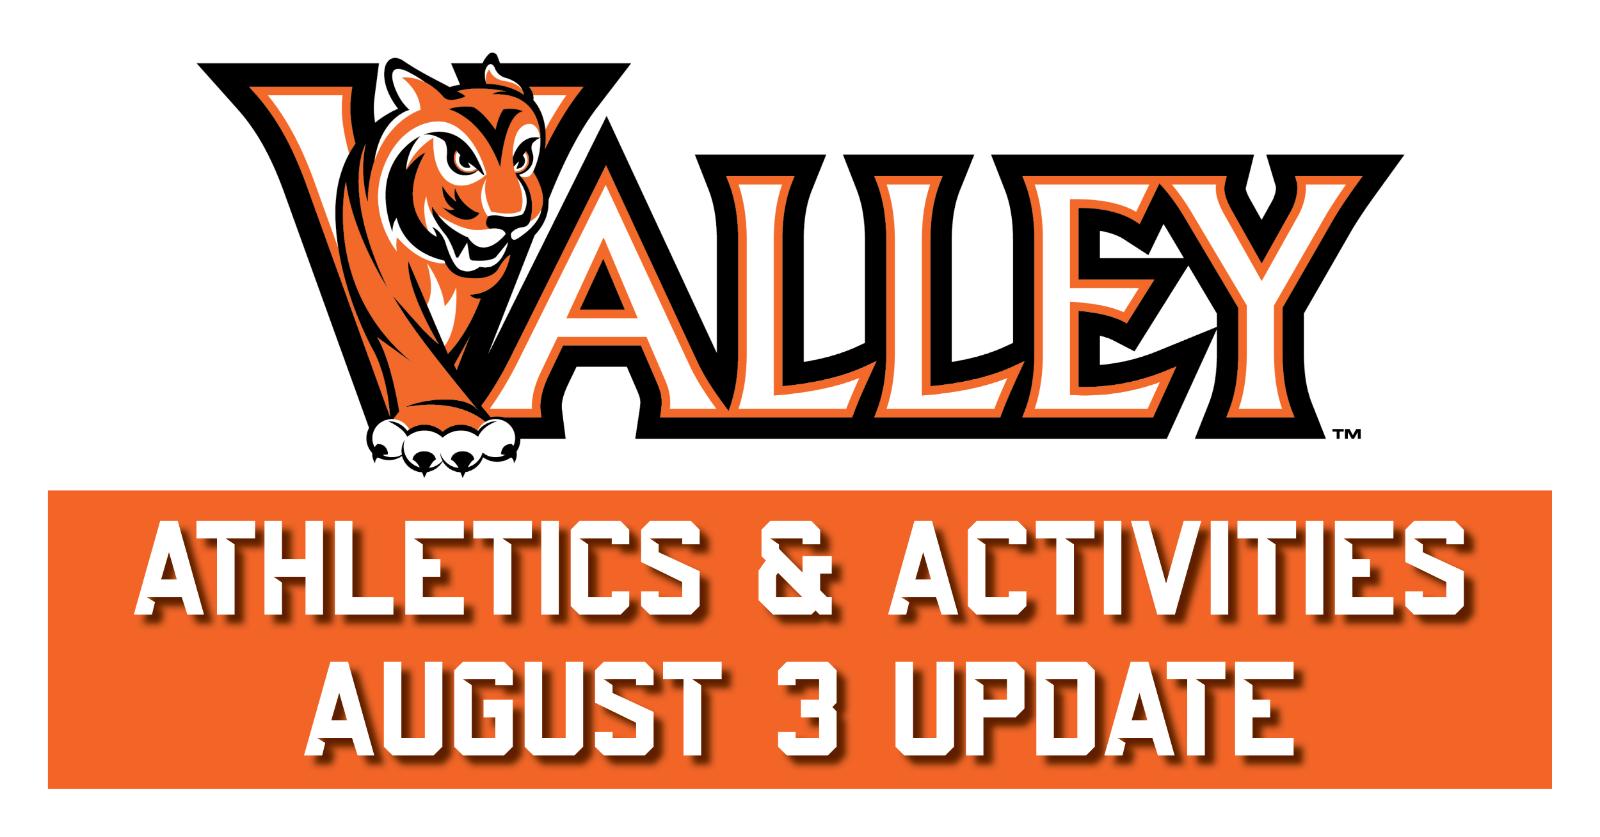 Valley Athletics & Activities Update